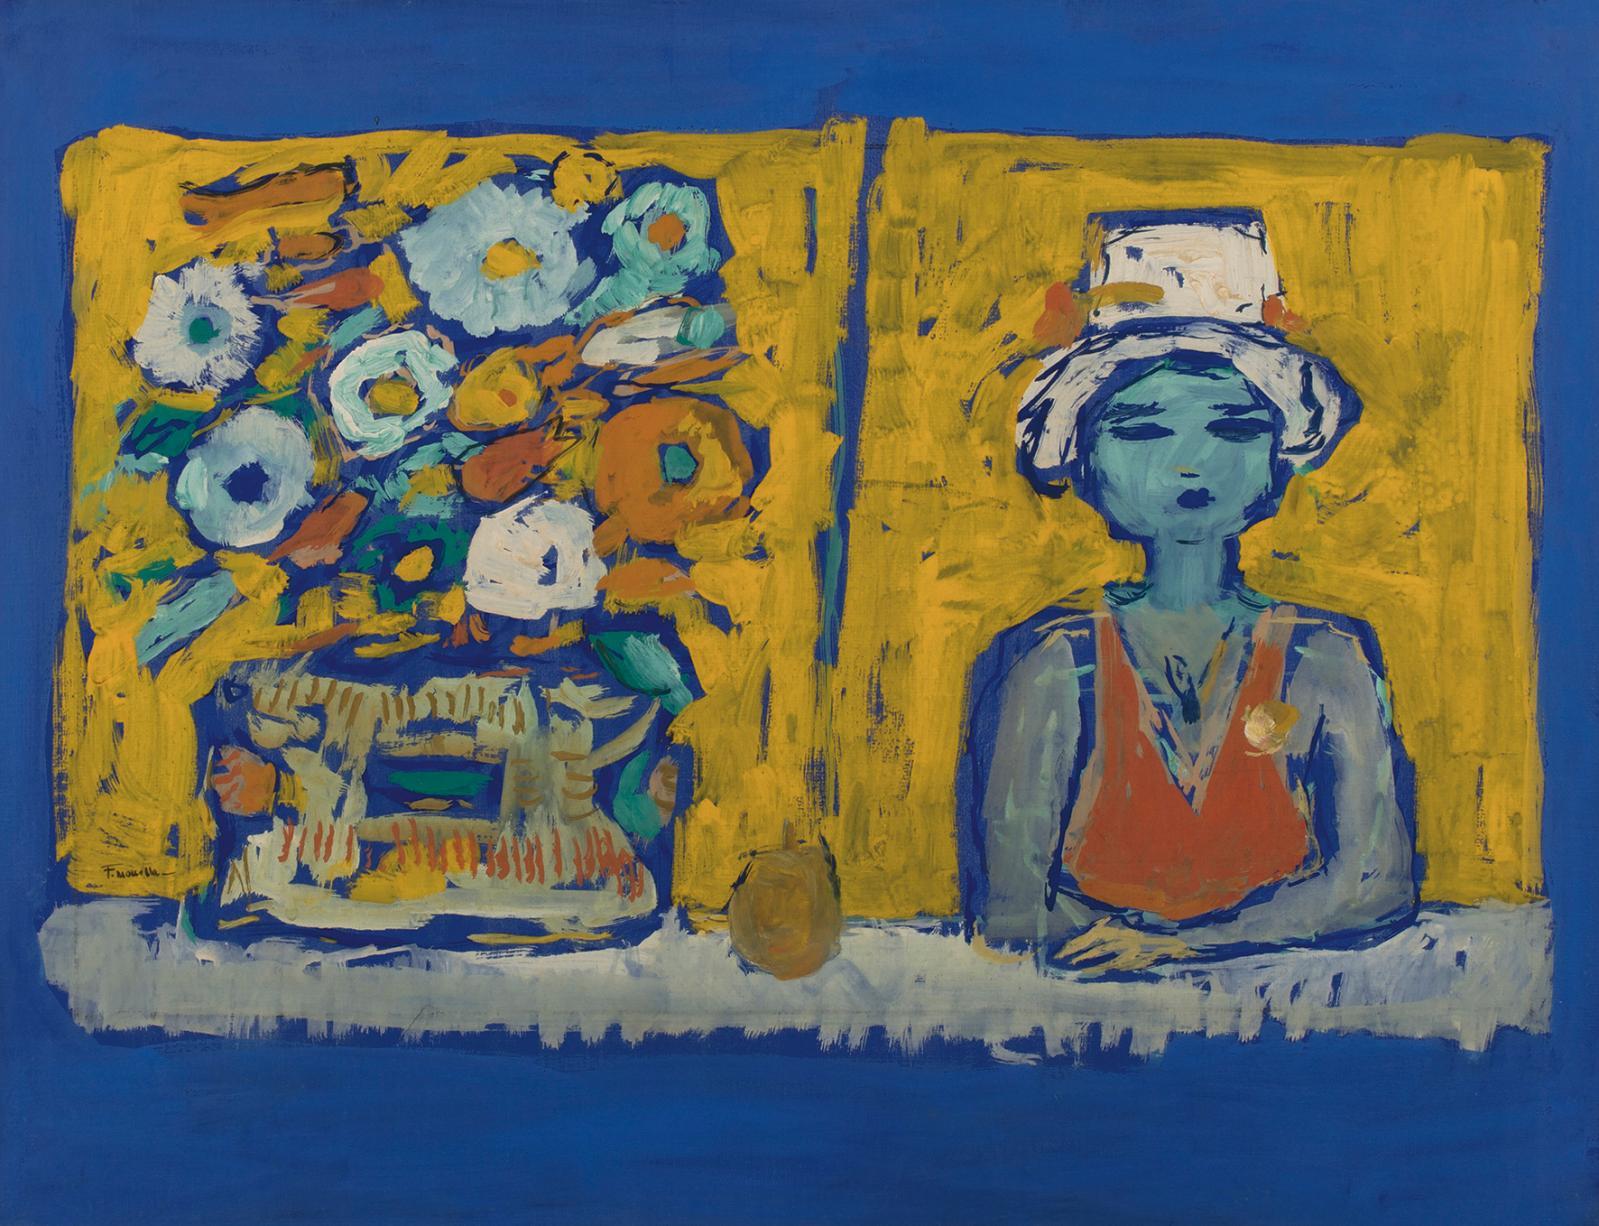 Fikret Moualla (1903-1967), Femme et vase de fleurs, gouache sur papier marouflésur toile, 48,5x65,5cm. Paris, Salle V.V., 18 septembr